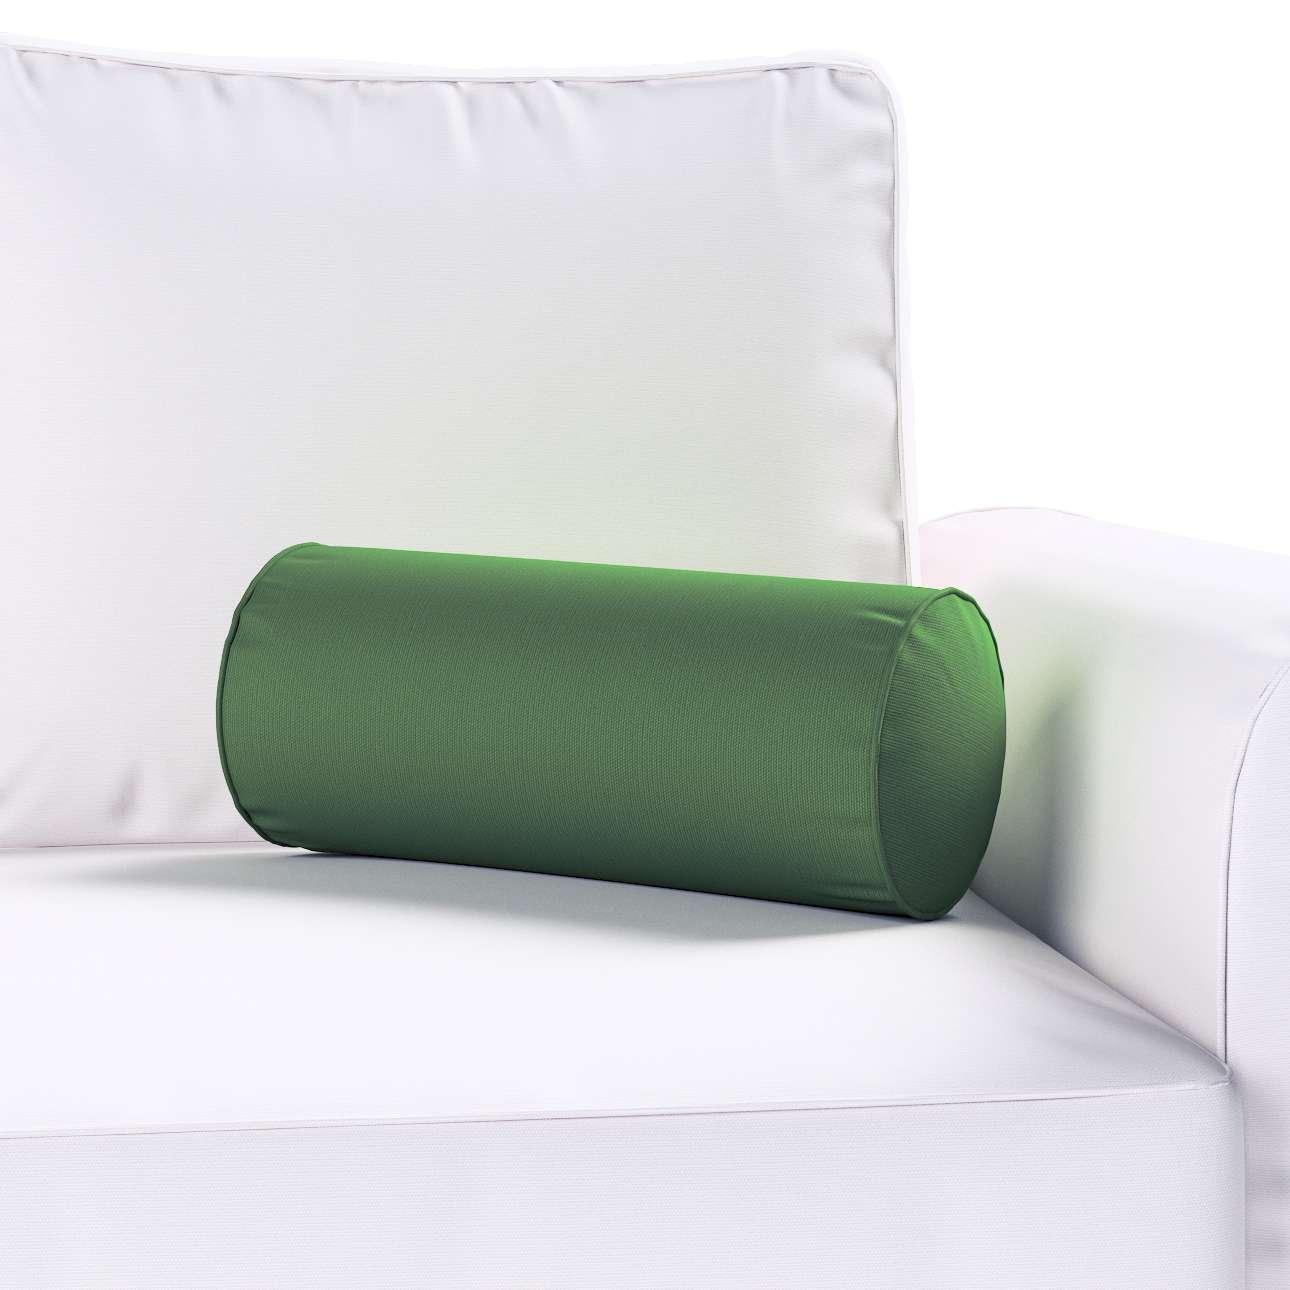 Ritinio formos  pagalvėlė Ø 16 x 40 cm (6 x 16 inch) kolekcijoje Cotton Panama, audinys: 702-06